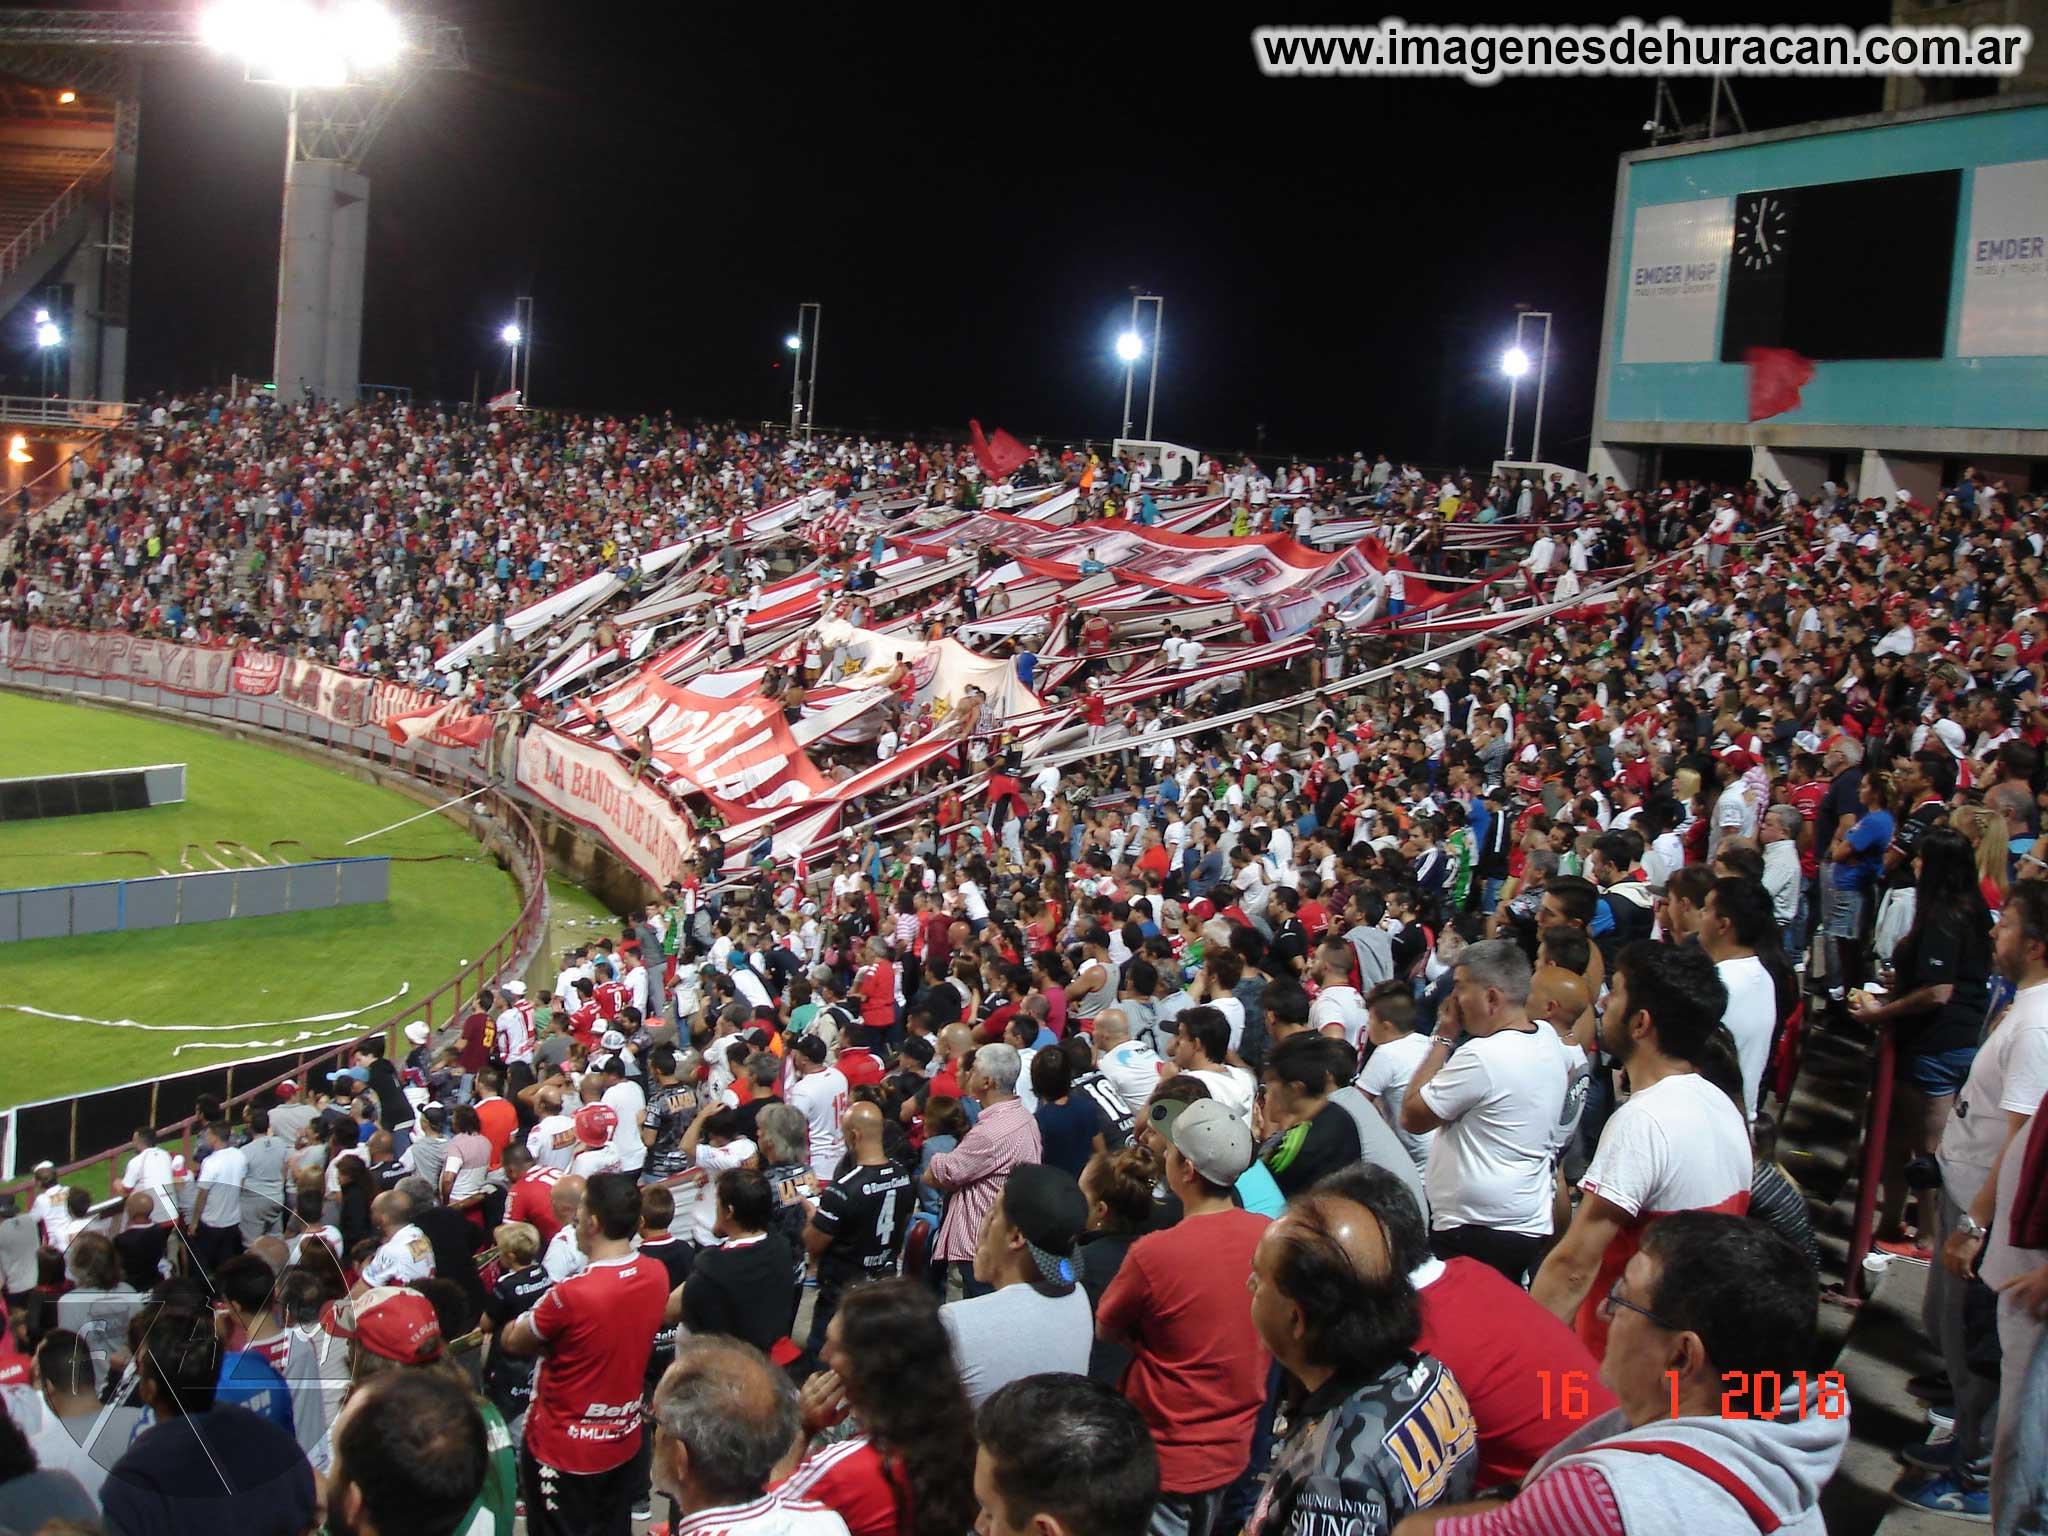 Huracán vs. San Lorenzo - Clásico de Verano